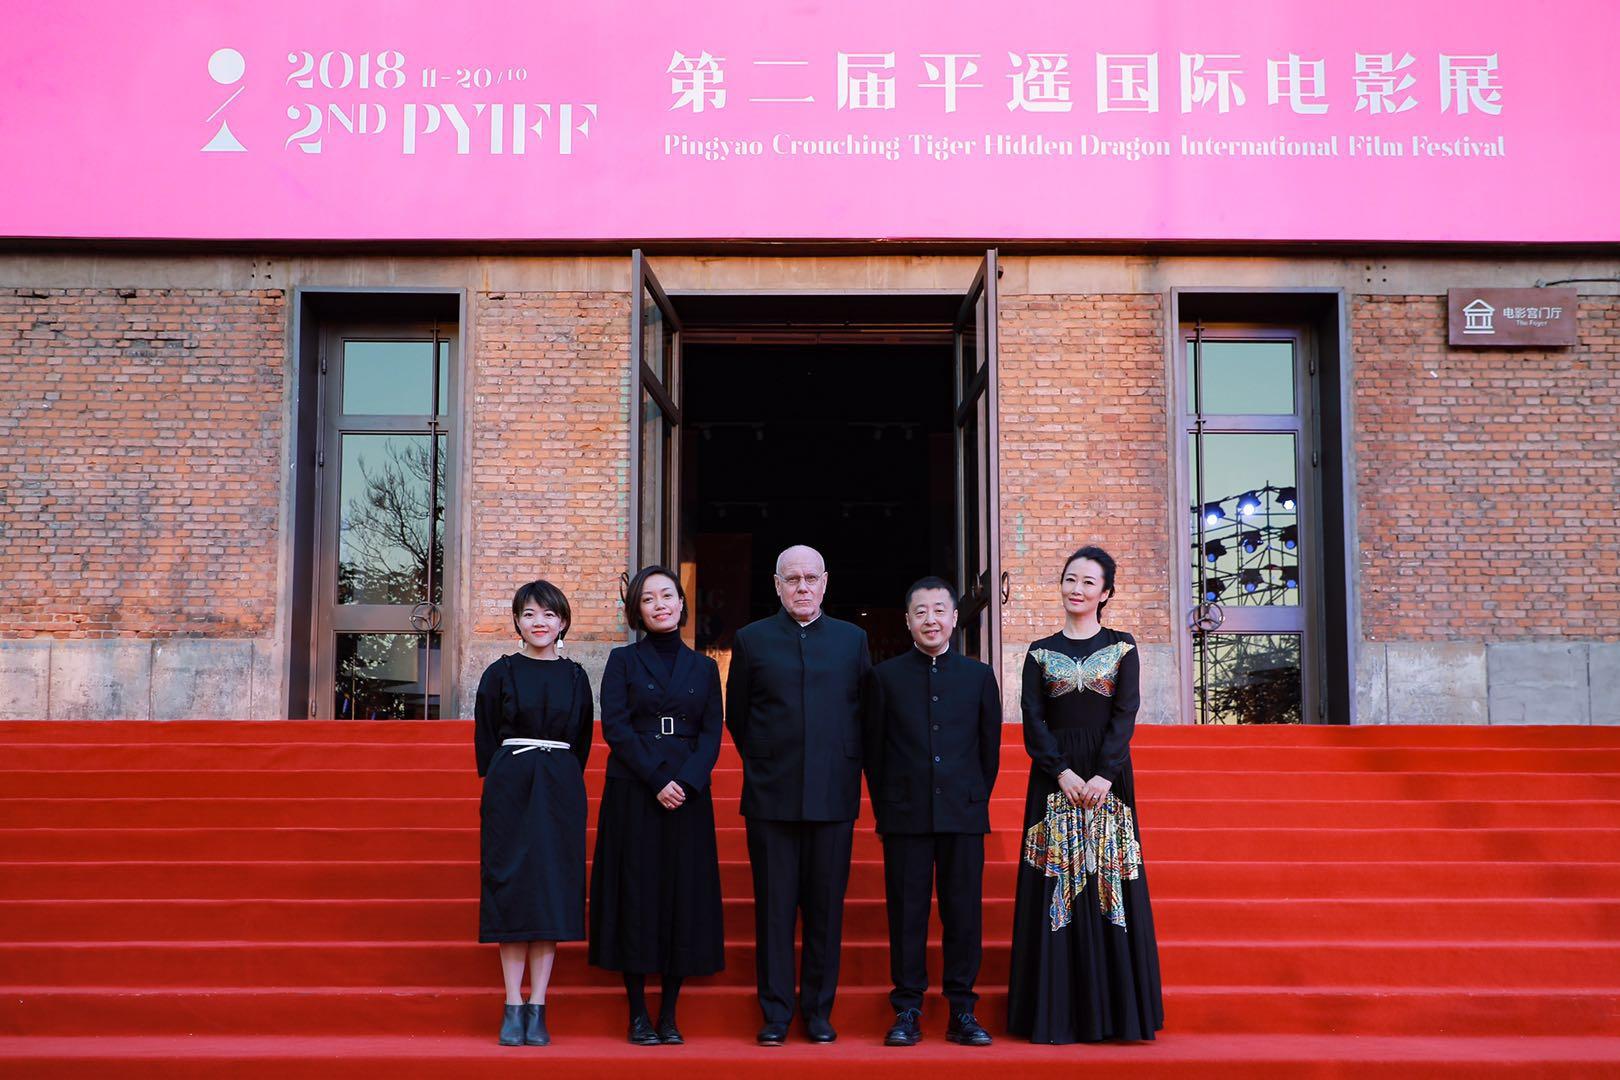 第二届平遥国际电影展开幕 杜琪峰获东西方交流贡献荣誉